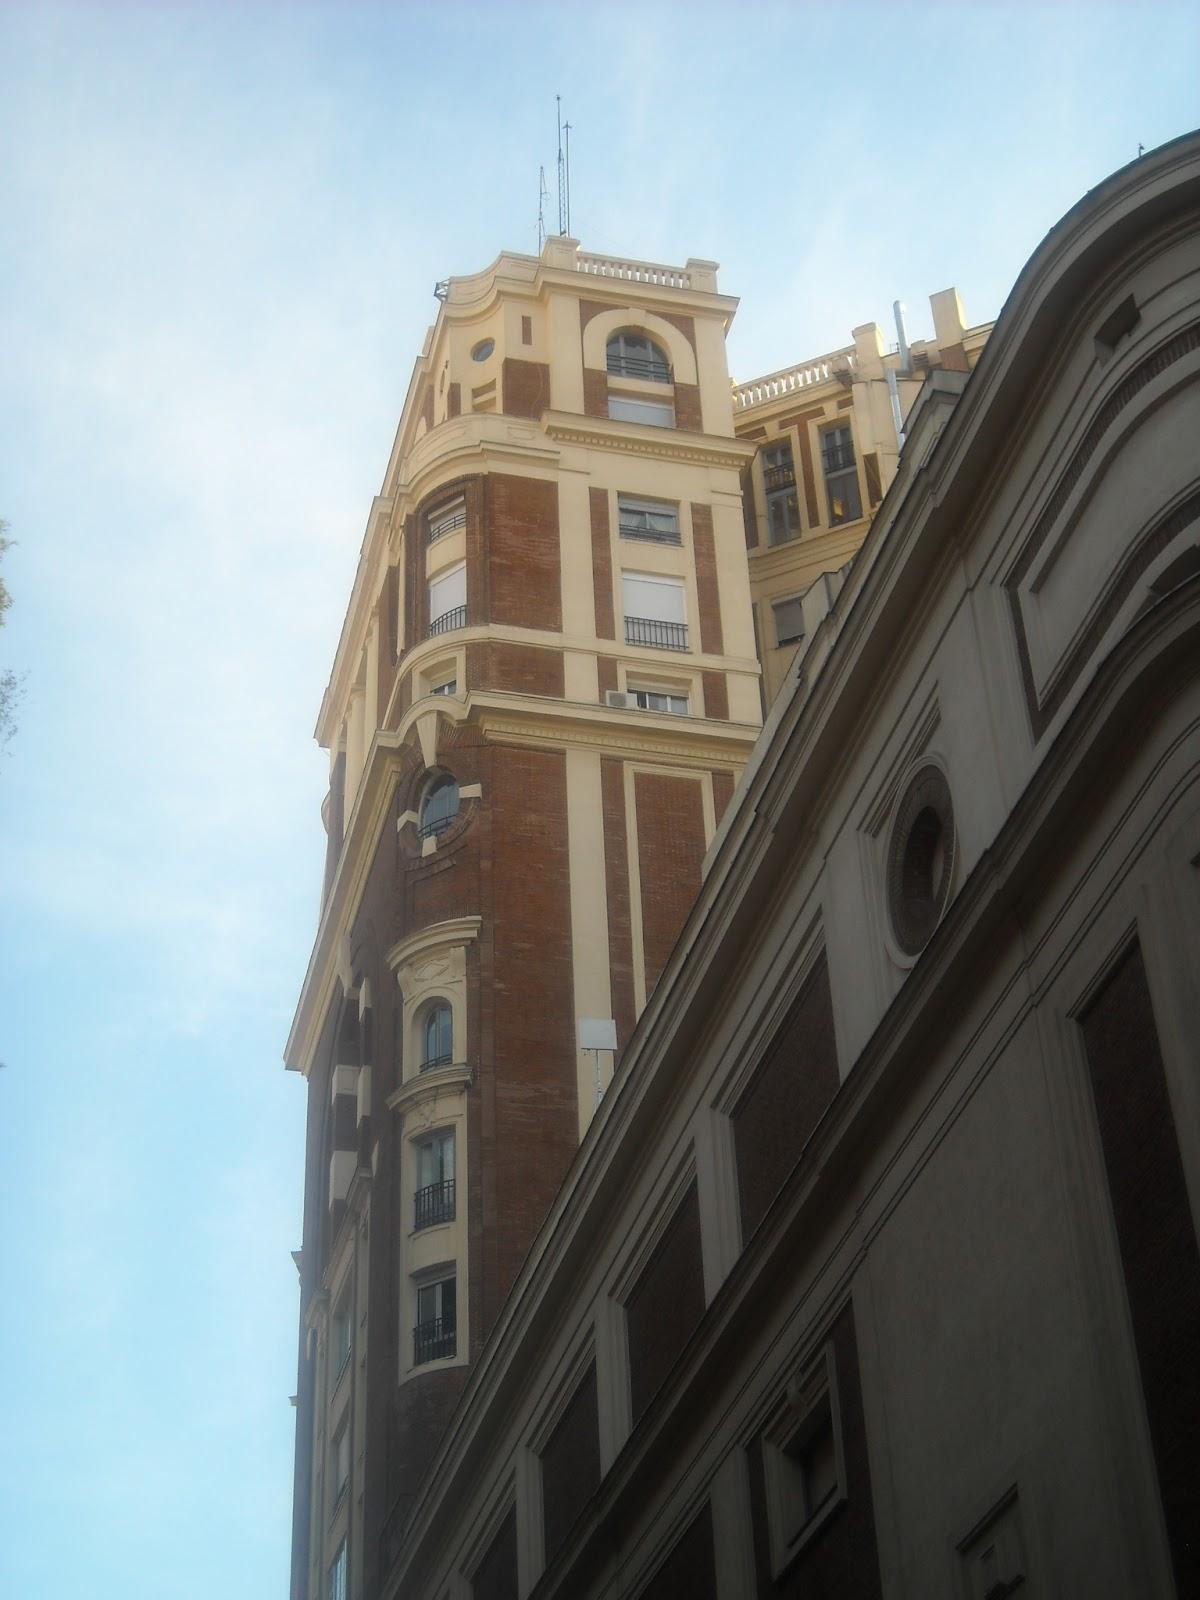 Semana de la arquitectura en madrid octubre 2012 el - Artesanos de madrid ...